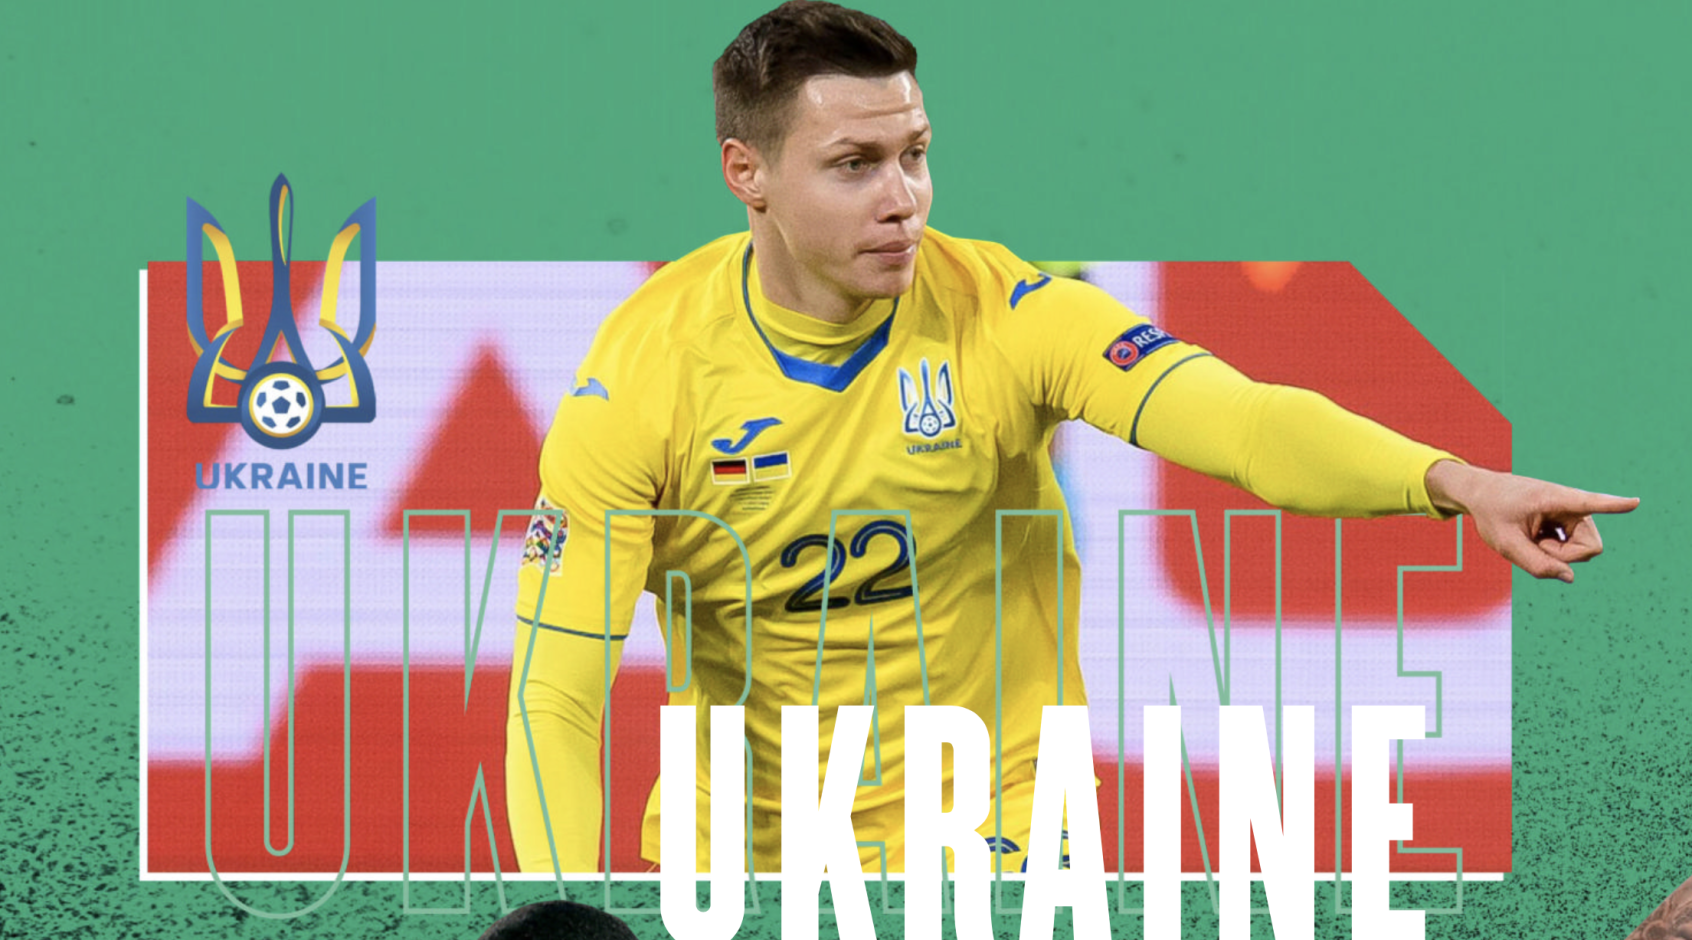 Как журнал FourFourTwo представил сборную Украины и их соперников на Евро-2020